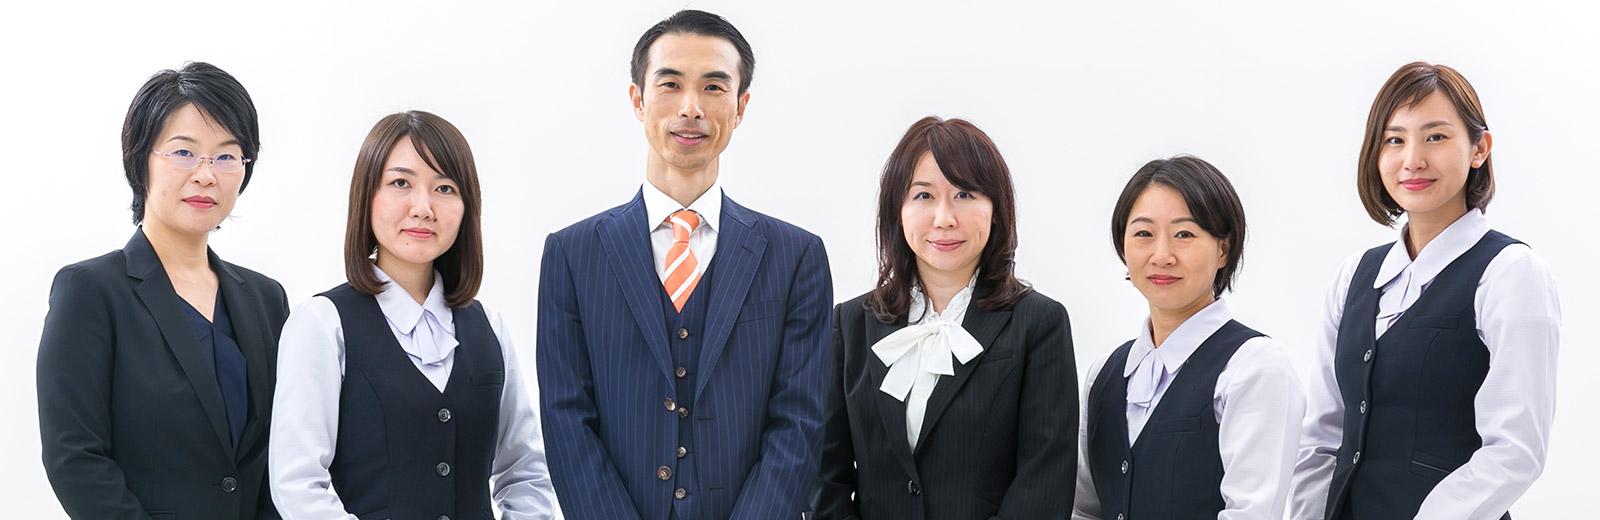 穴井りゅうじ社会保険労務士事務所紹介